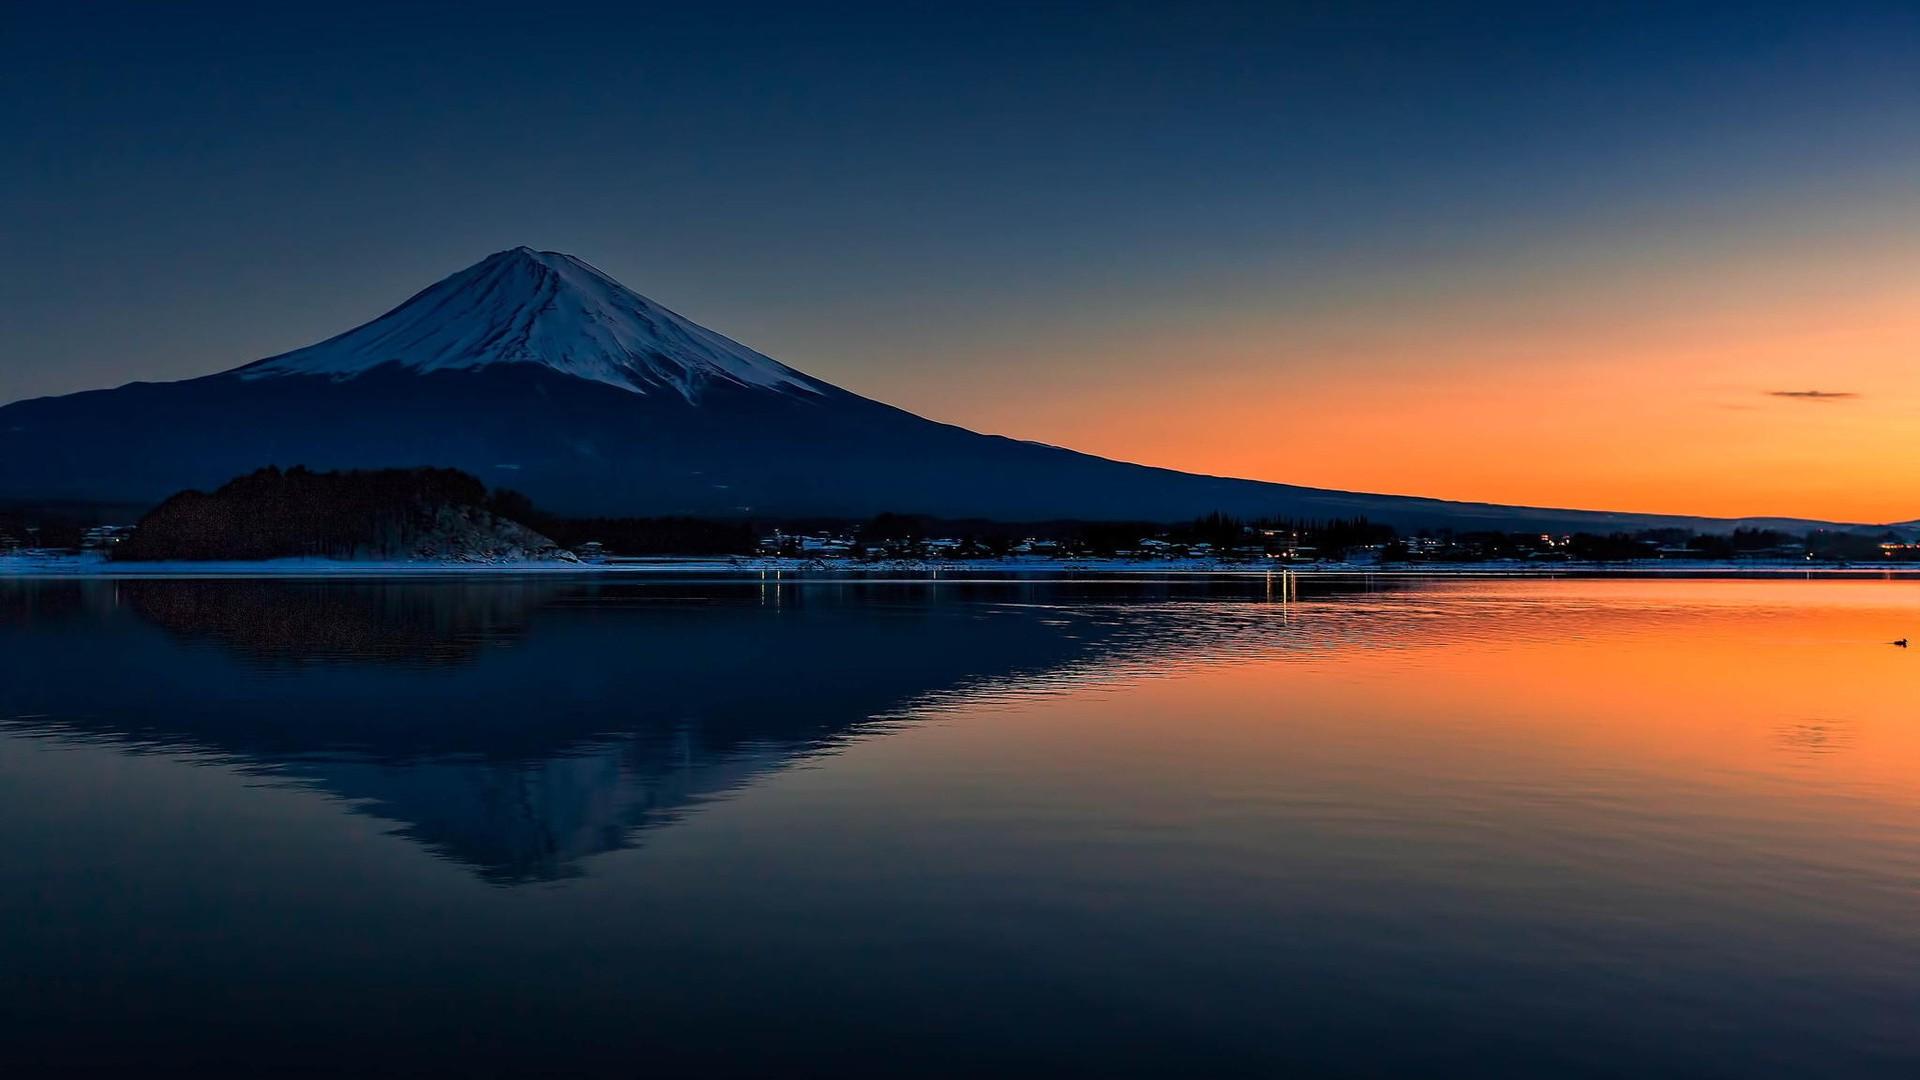 デスクトップ壁紙 1920x1080 Px 緑 富士山 自然 木 1920x1080